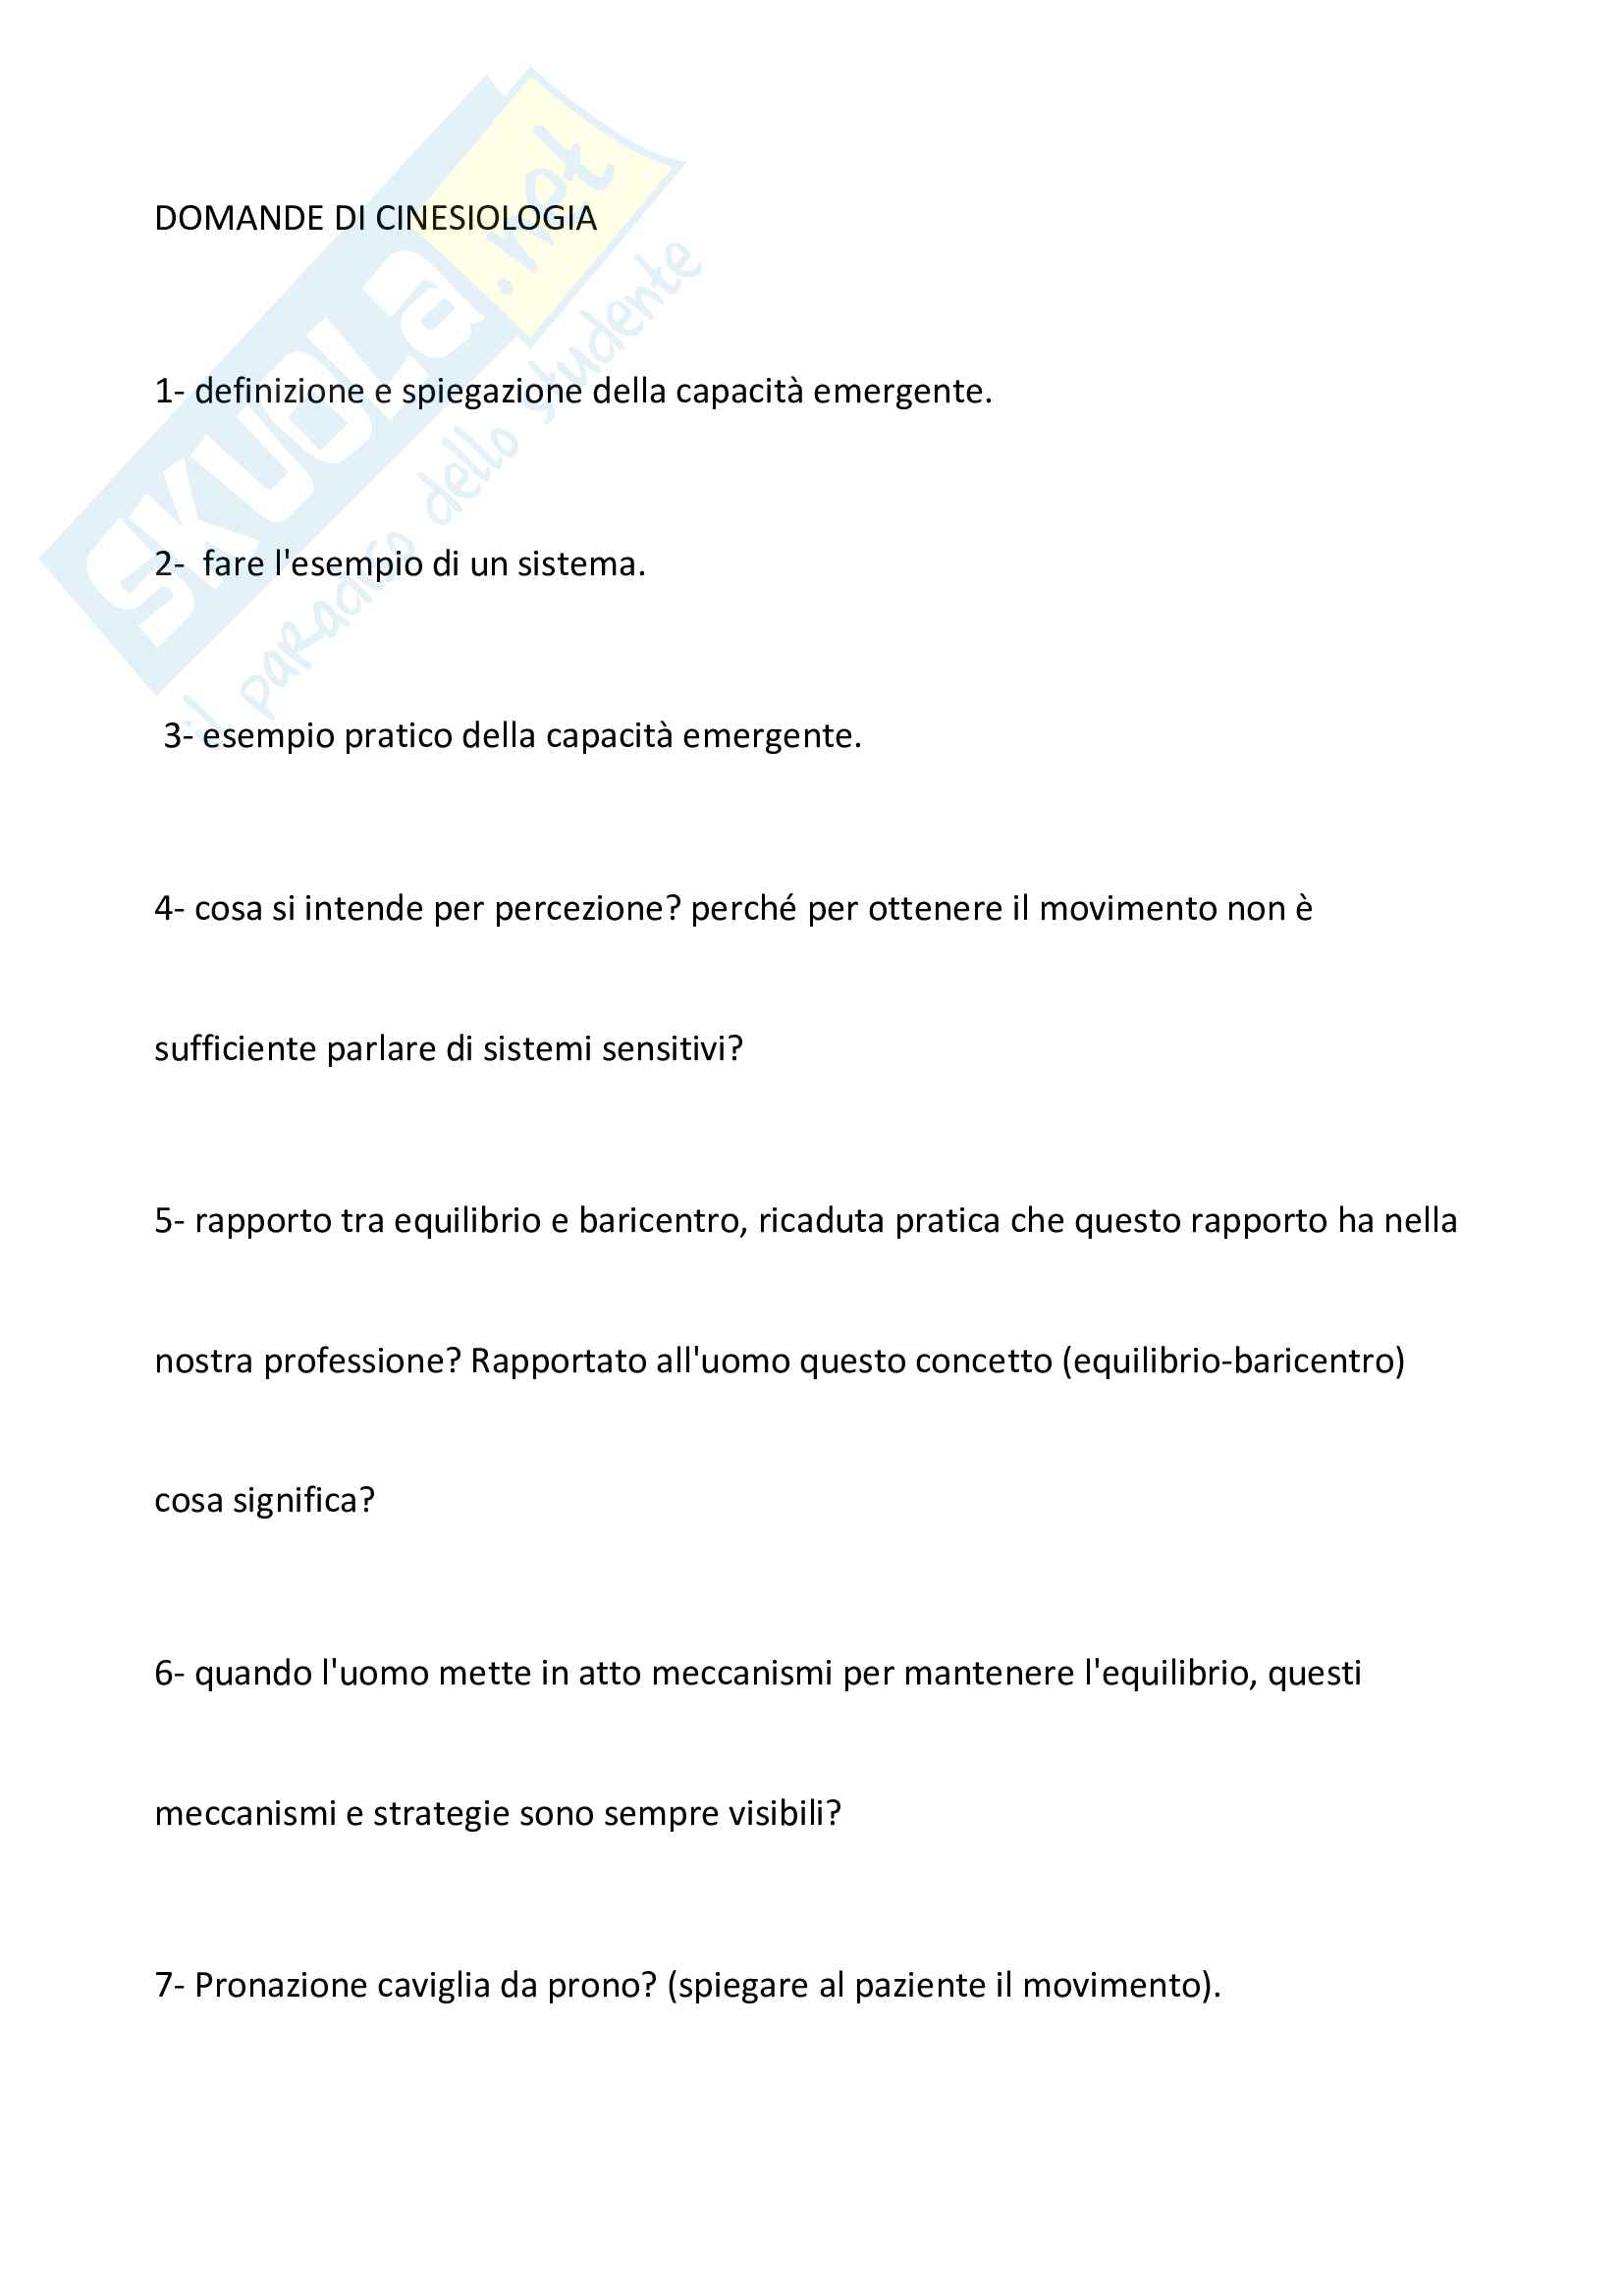 """Domande esame """"Cinesiologia"""" - Prof. Benedetti"""